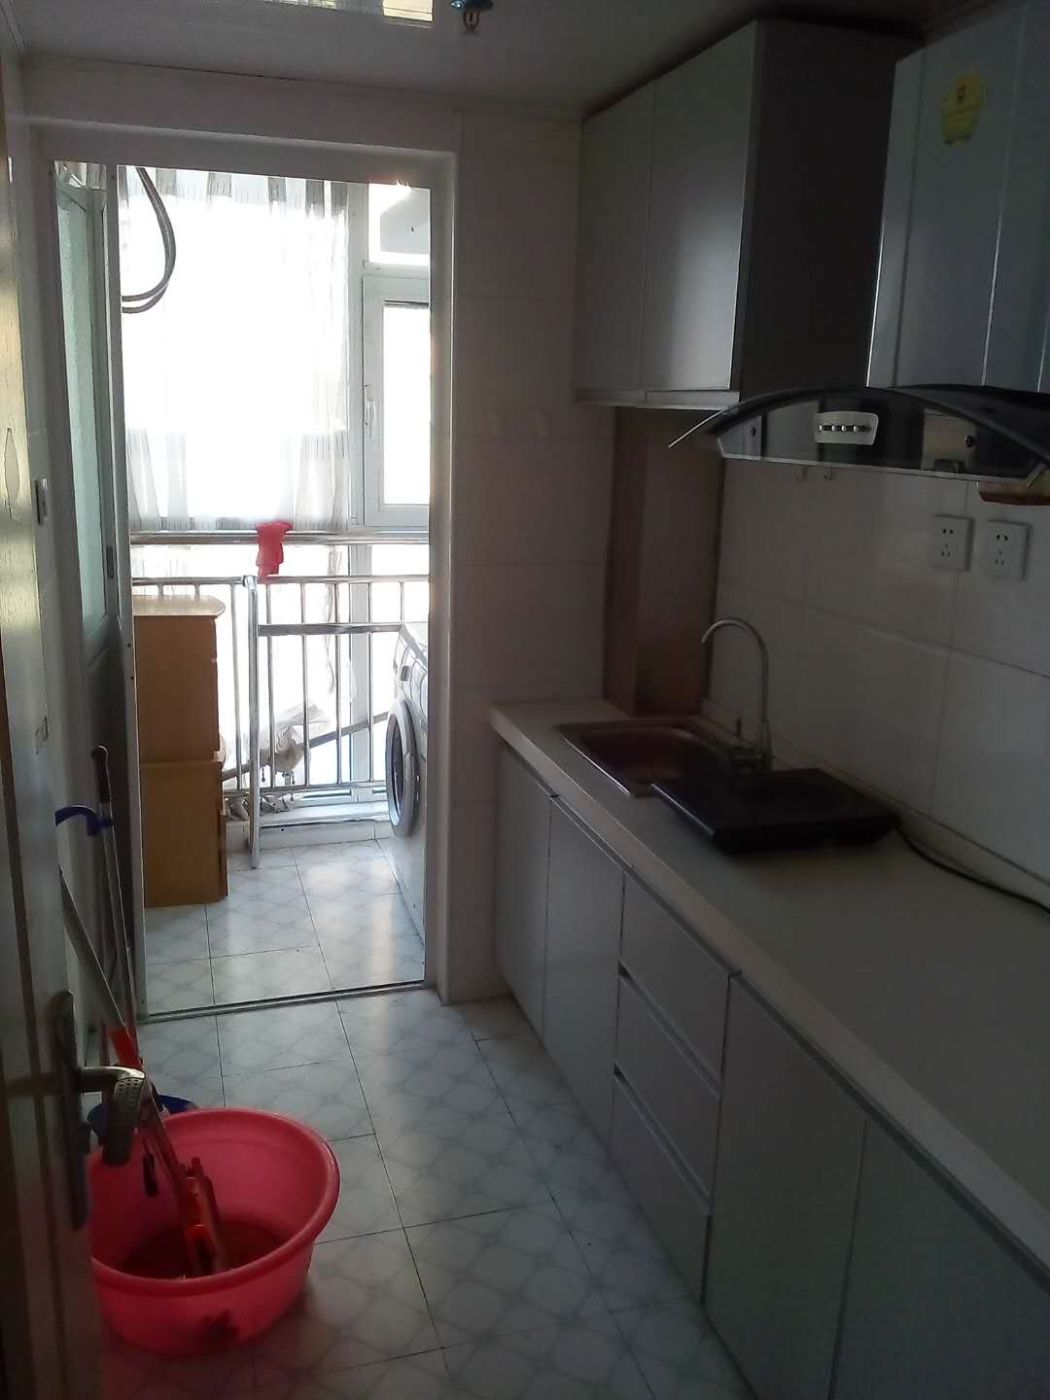 宝湖公园对面鲁银城市公元58平精装公寓1200/月急租拎